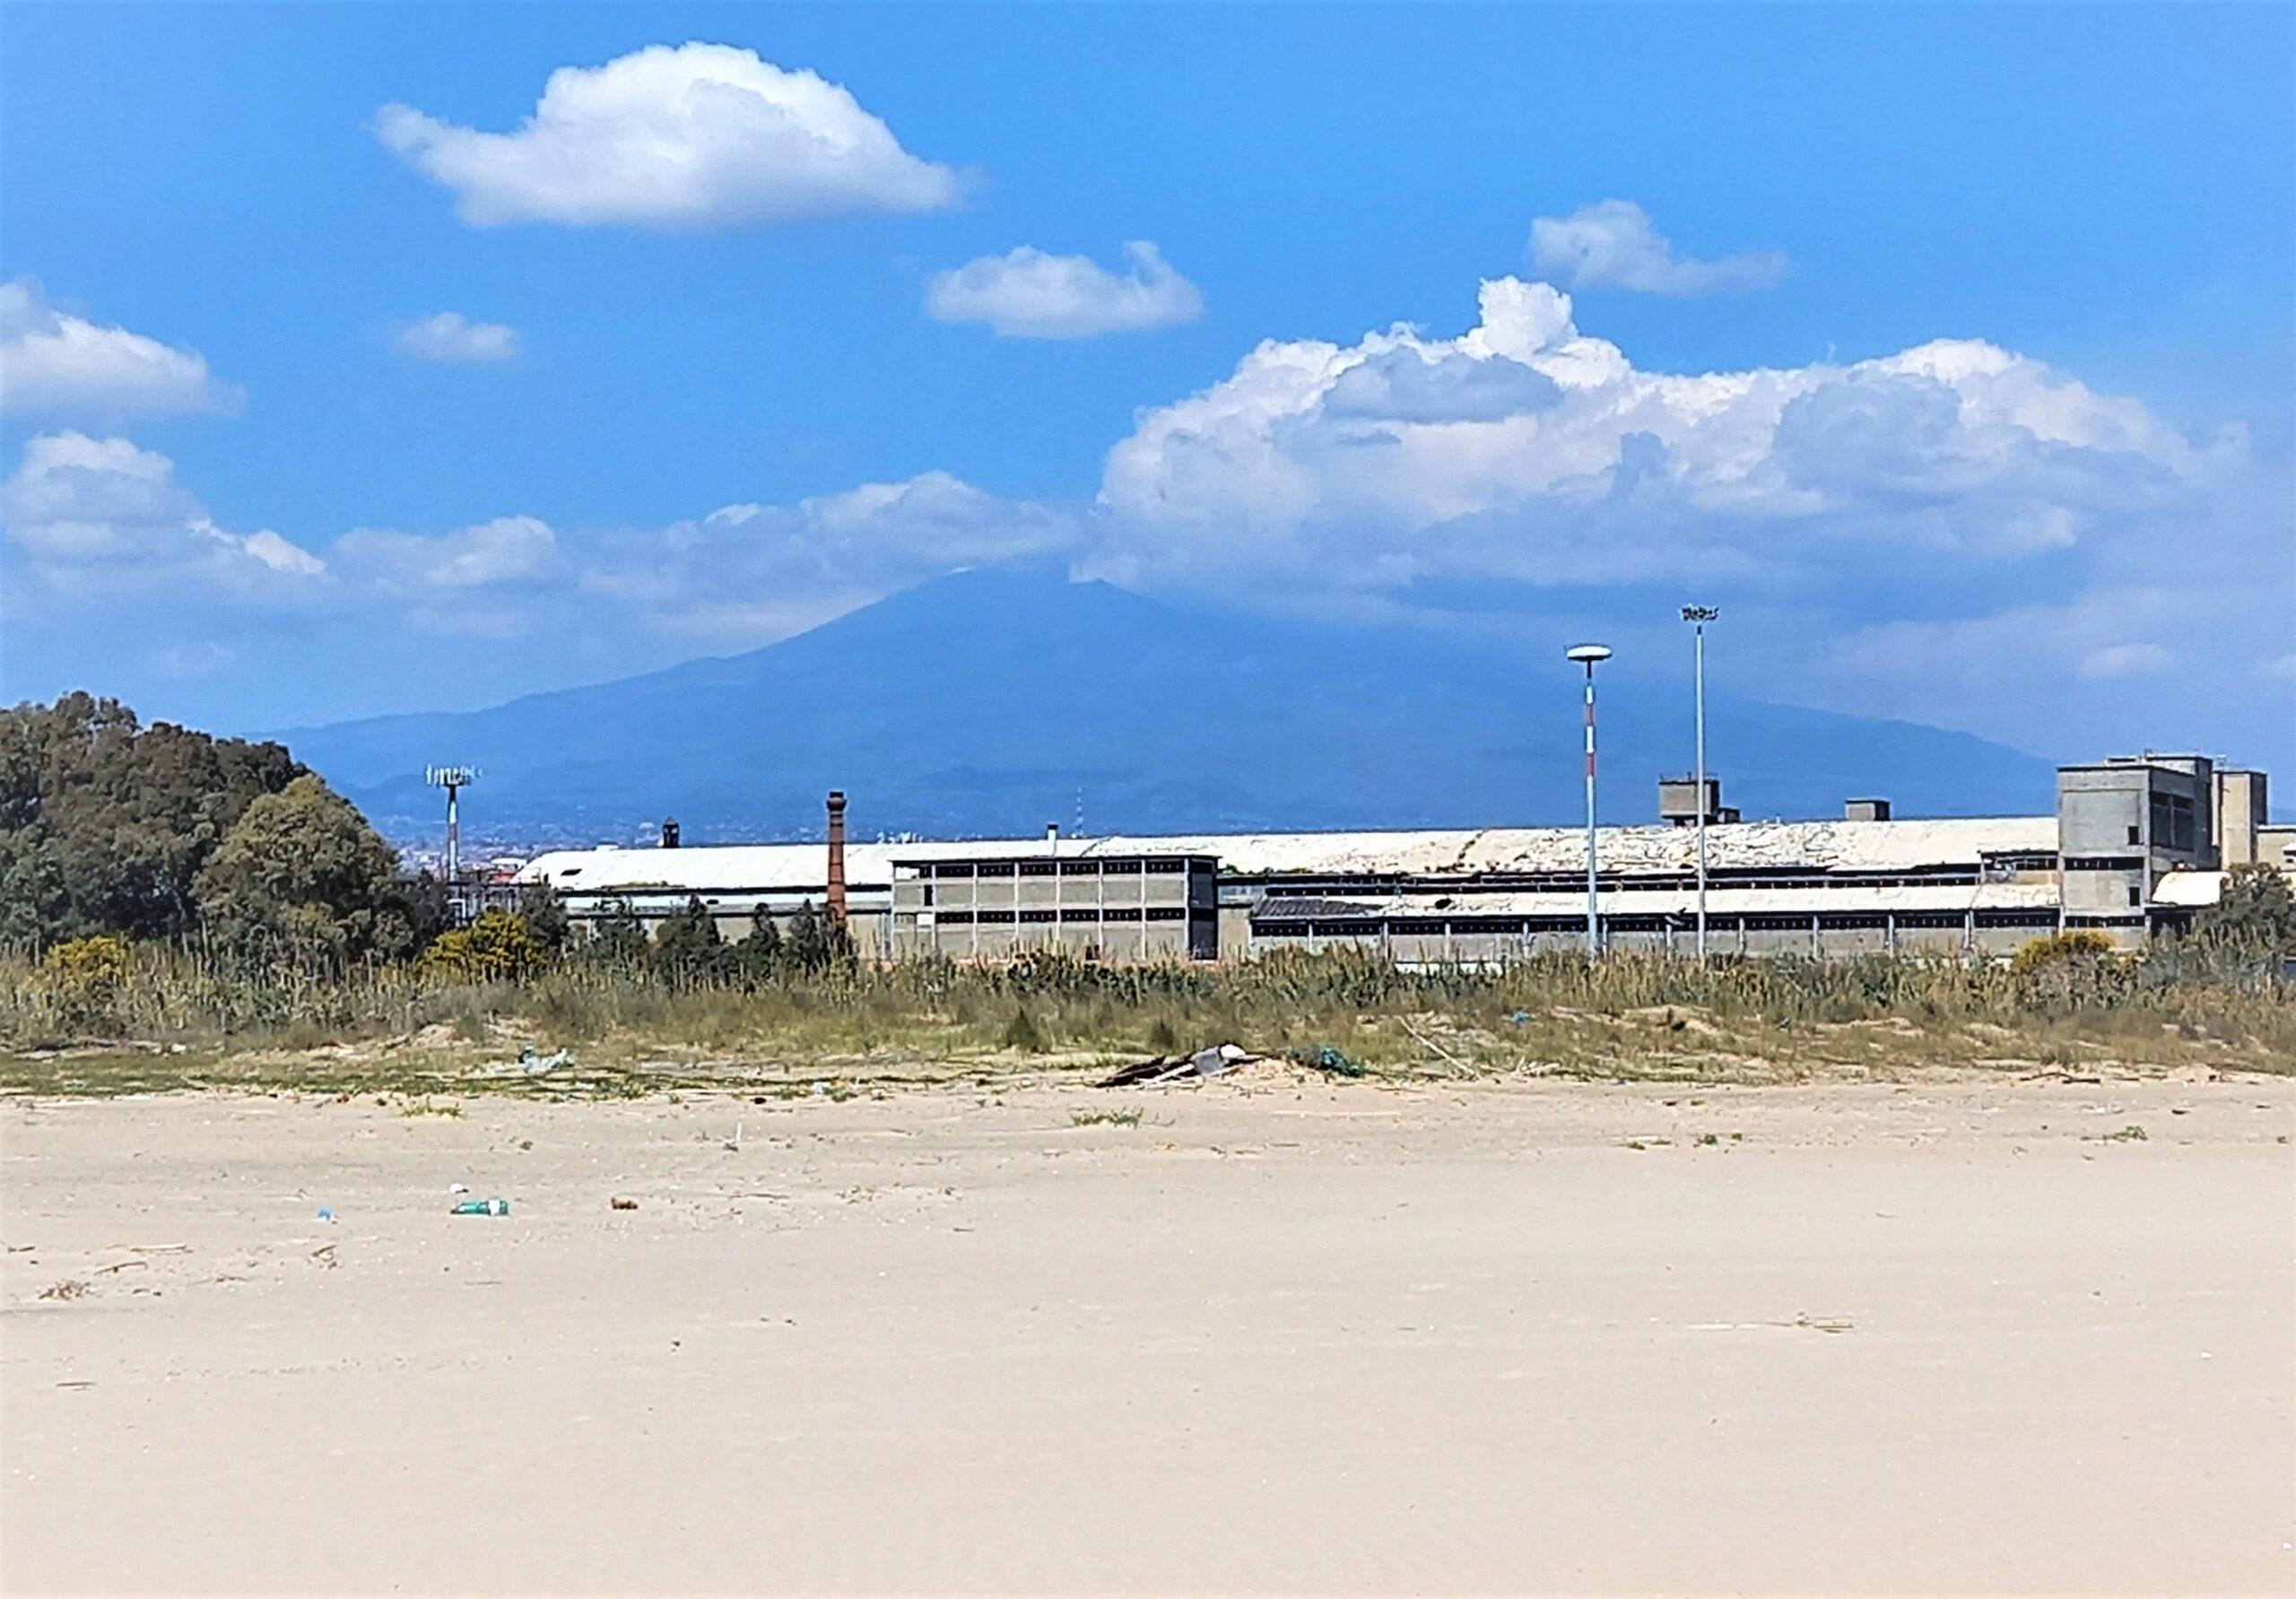 imprints art museo dello spazio respect planet playa catania ex italcementi arte involontaria